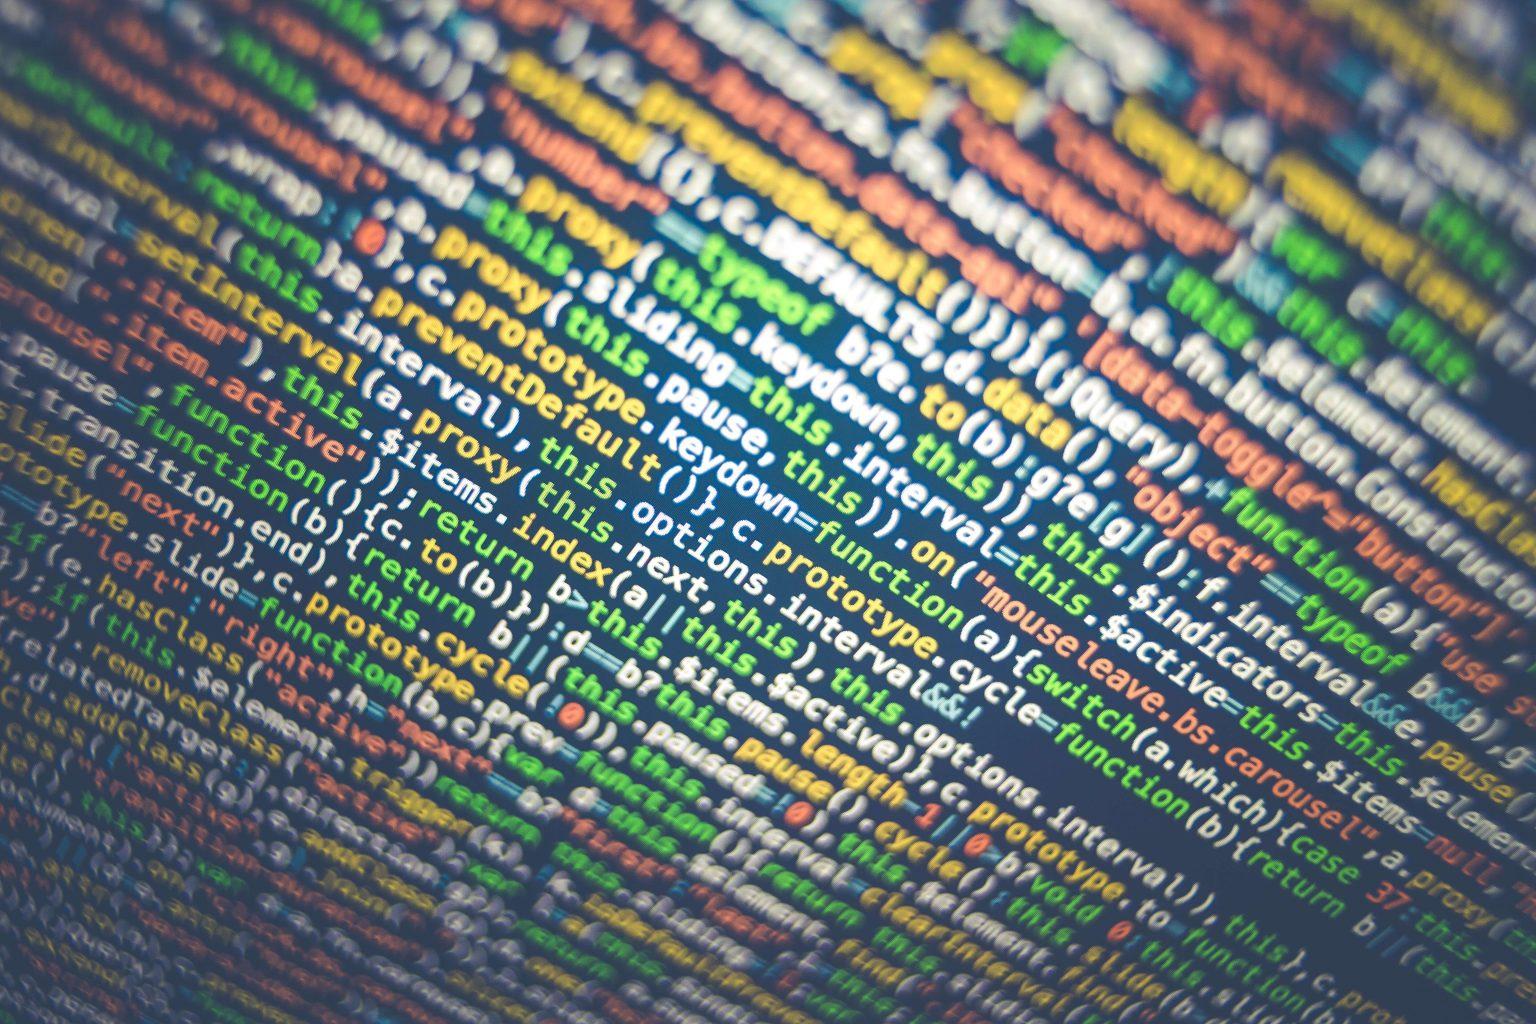 Habeas Data y su regulación mediante el artículo 197.2 código penal